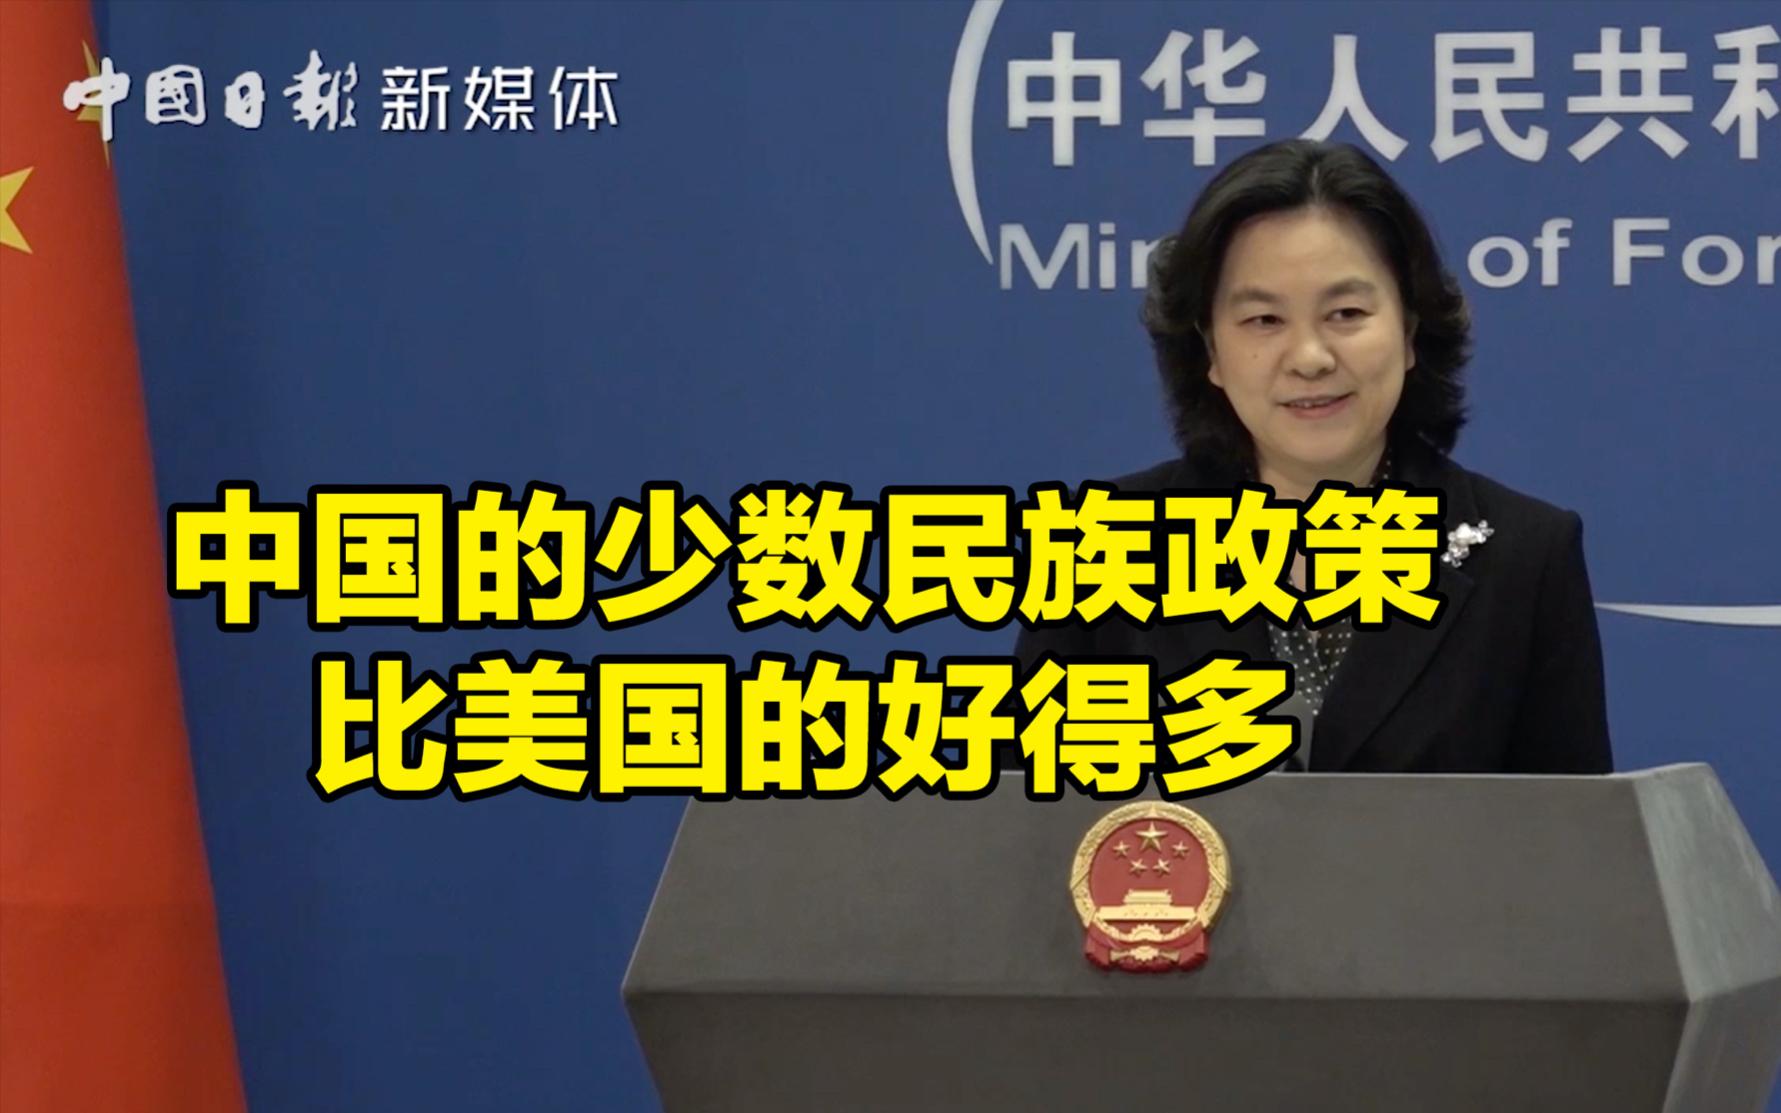 华春莹:中国的少数民族政策比美国的好得多 所谓新疆问题是遏制中国的阴谋